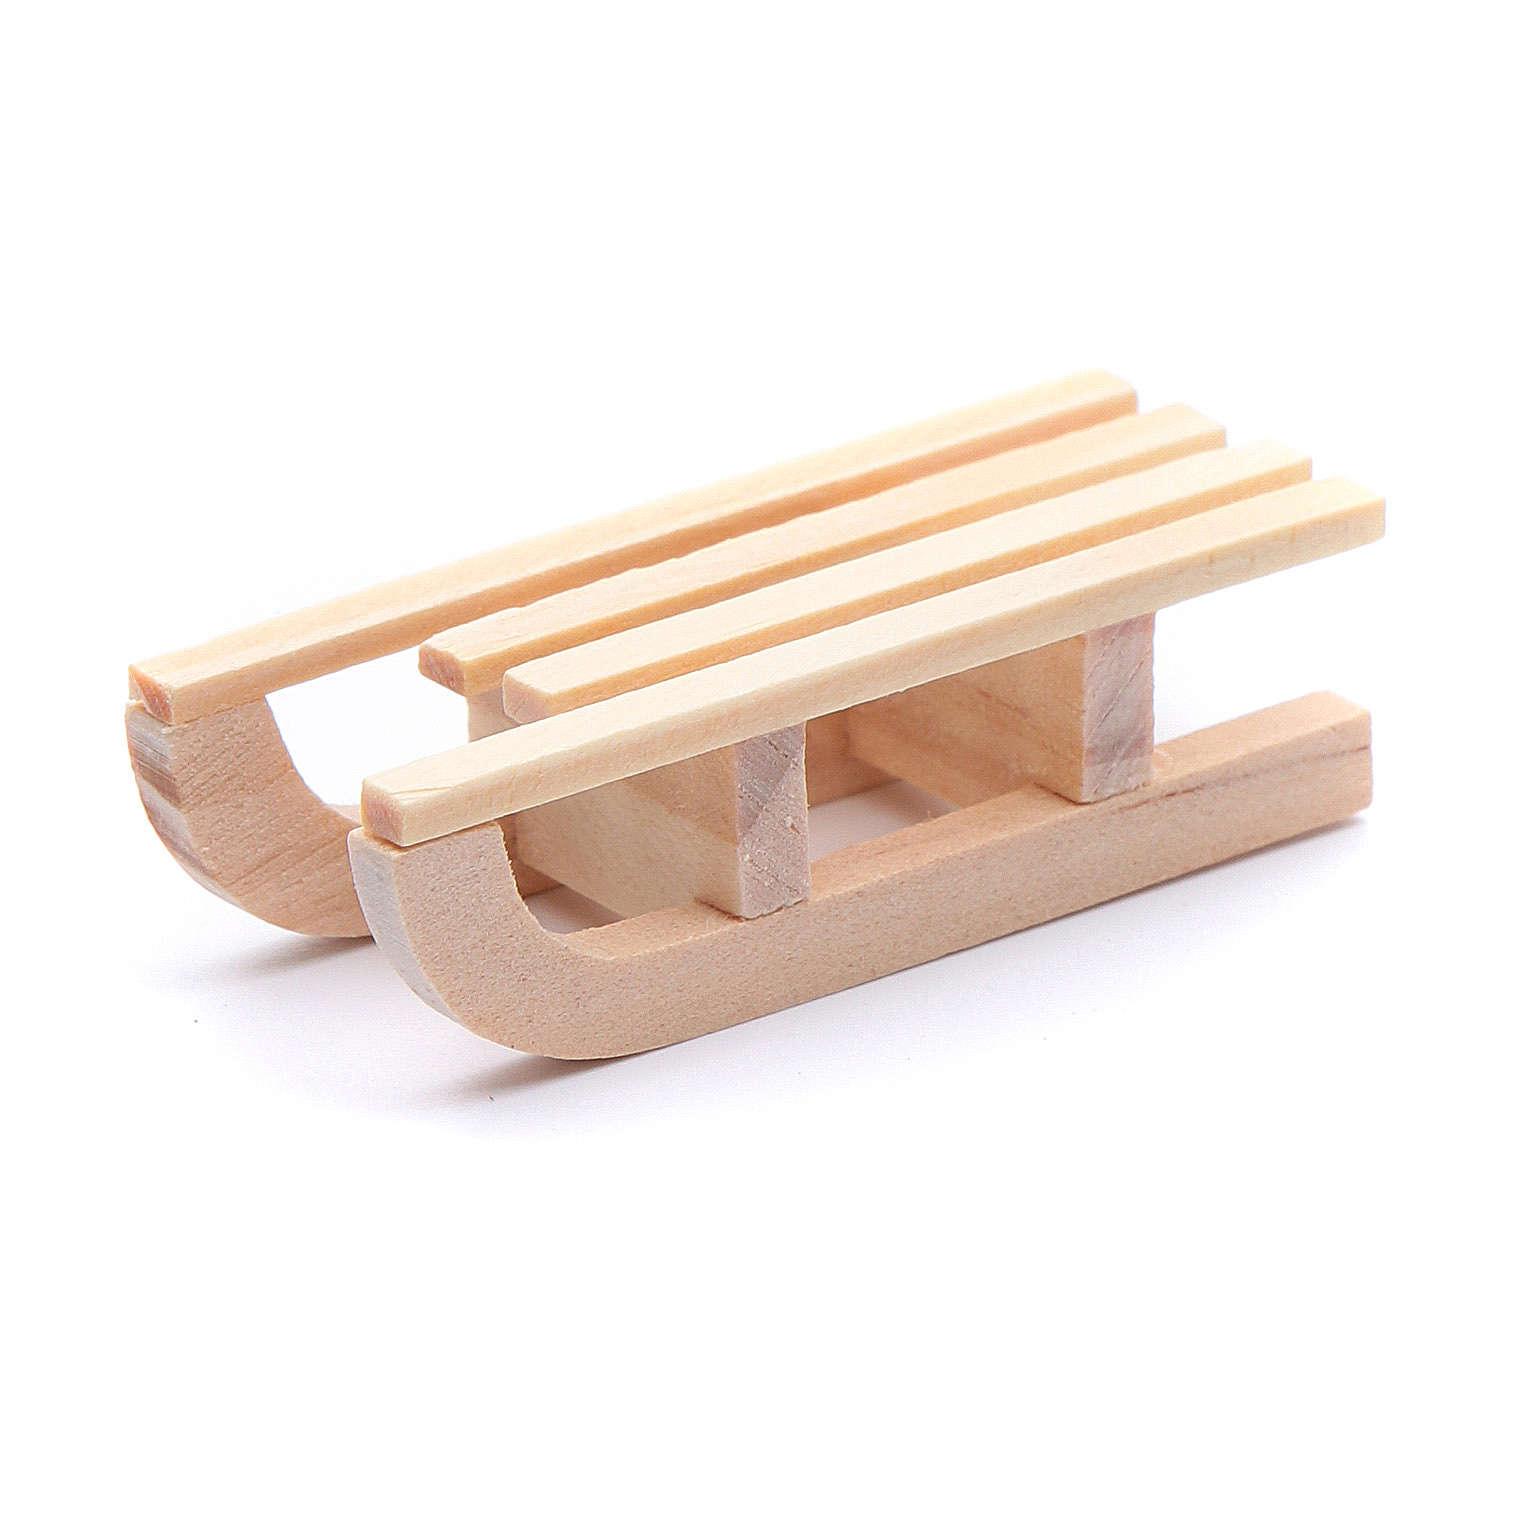 Trenó madeira 1,5x5x2 cm para presépio 4